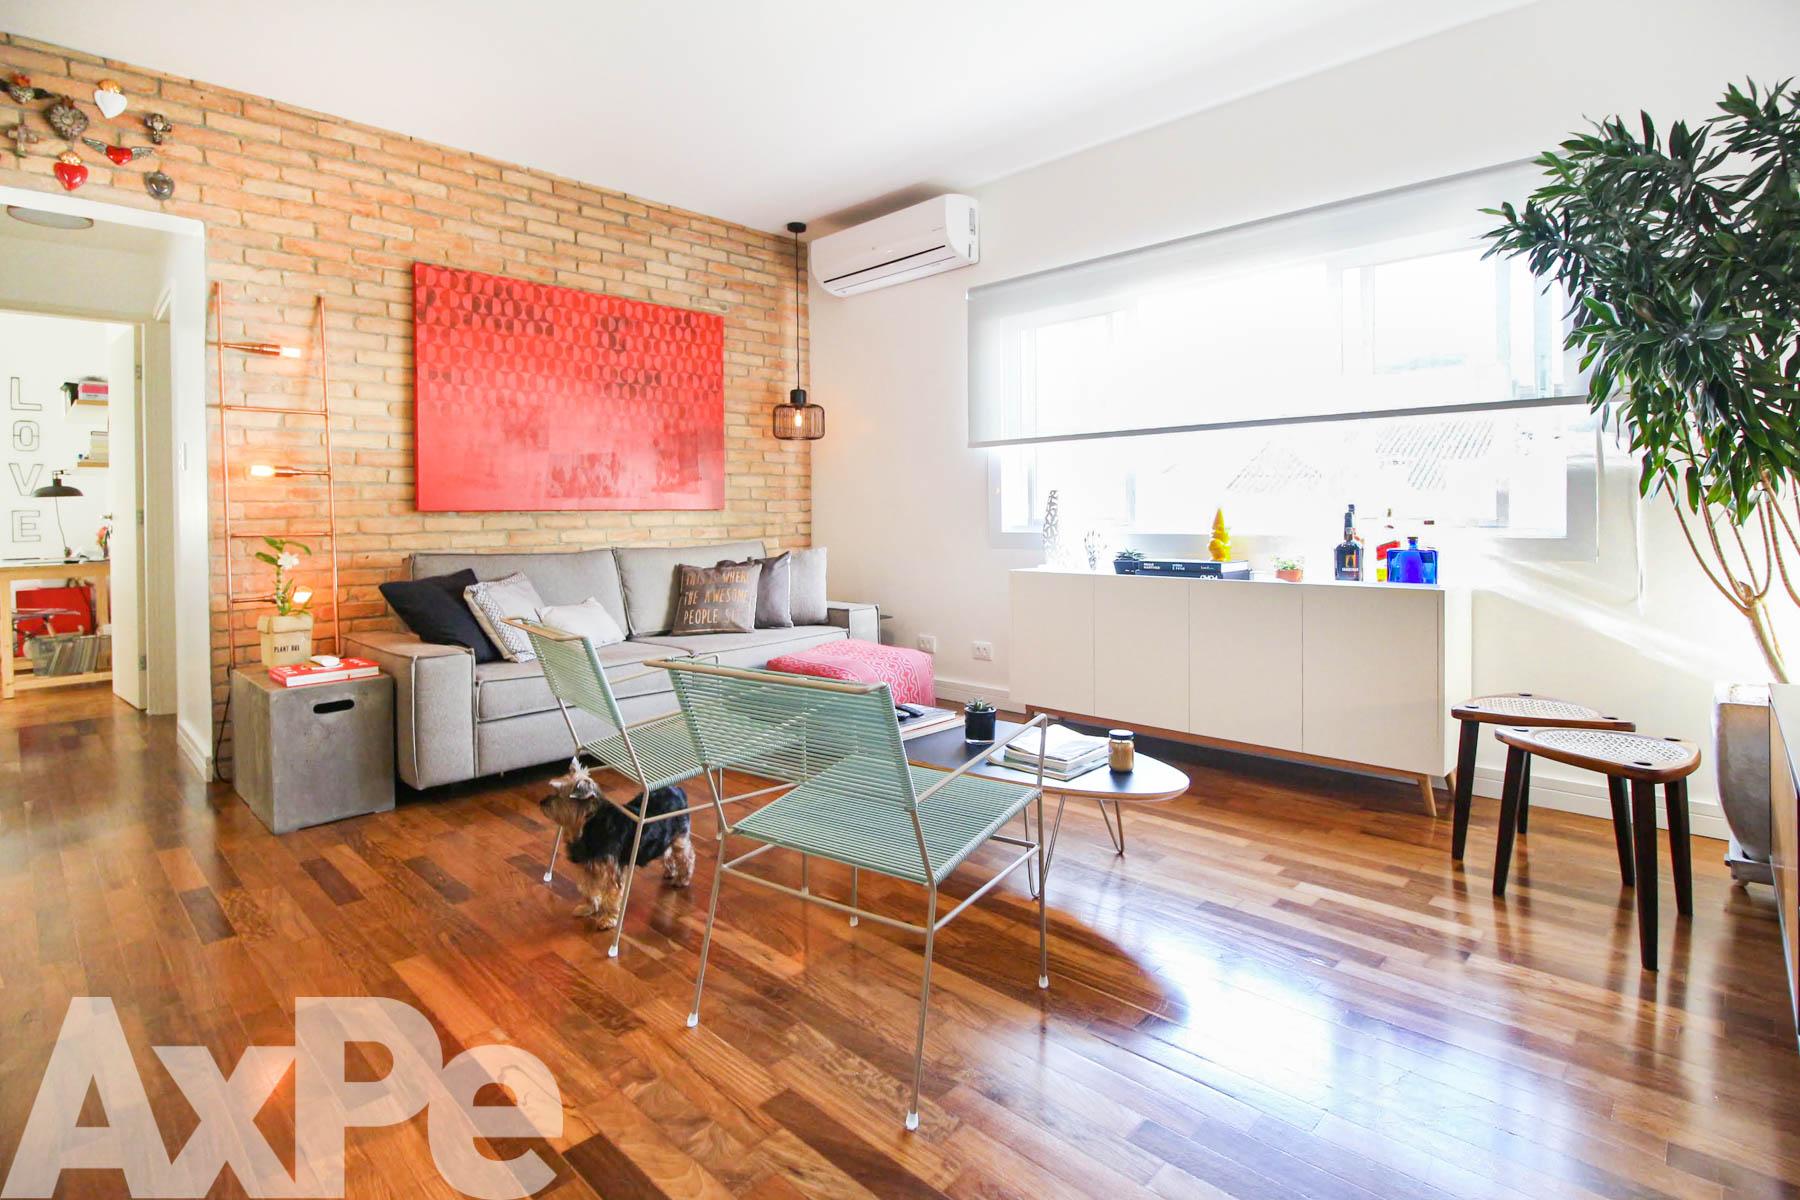 Axpe Apartamento - AX127402